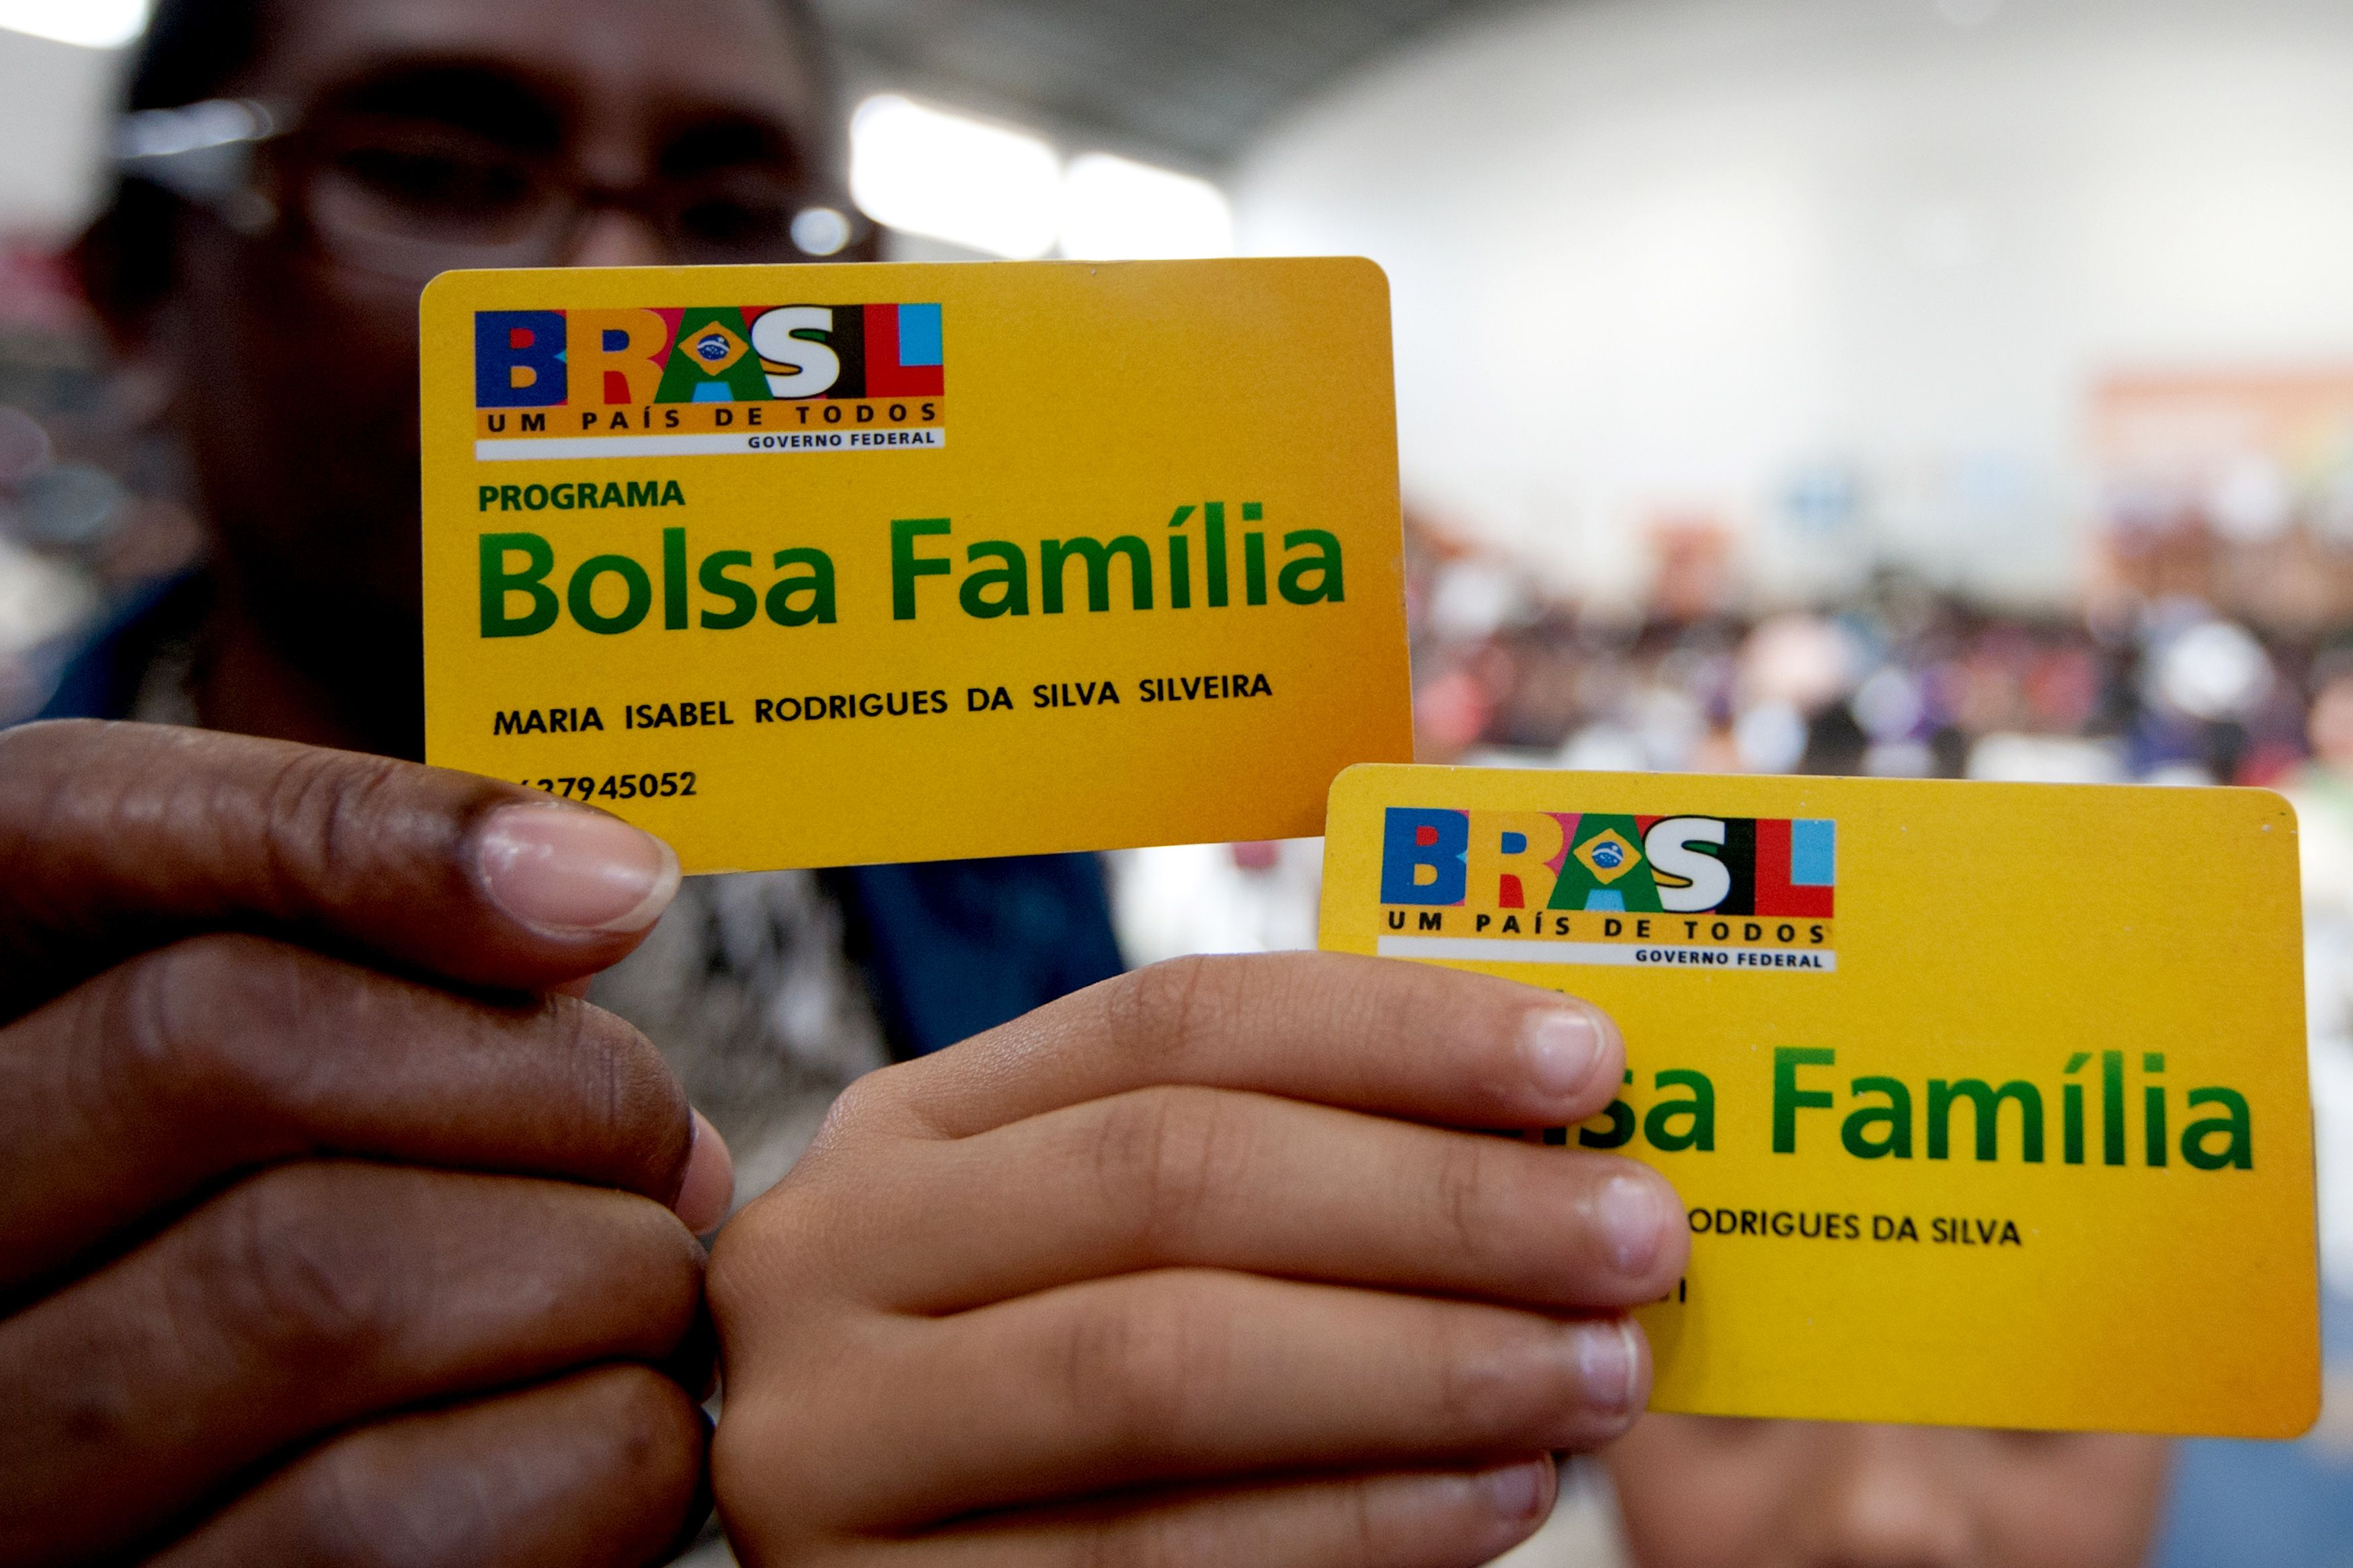 Mais de 300 famílias alagoanas pedem desligamento voluntário do Bolsa Família, diz governo